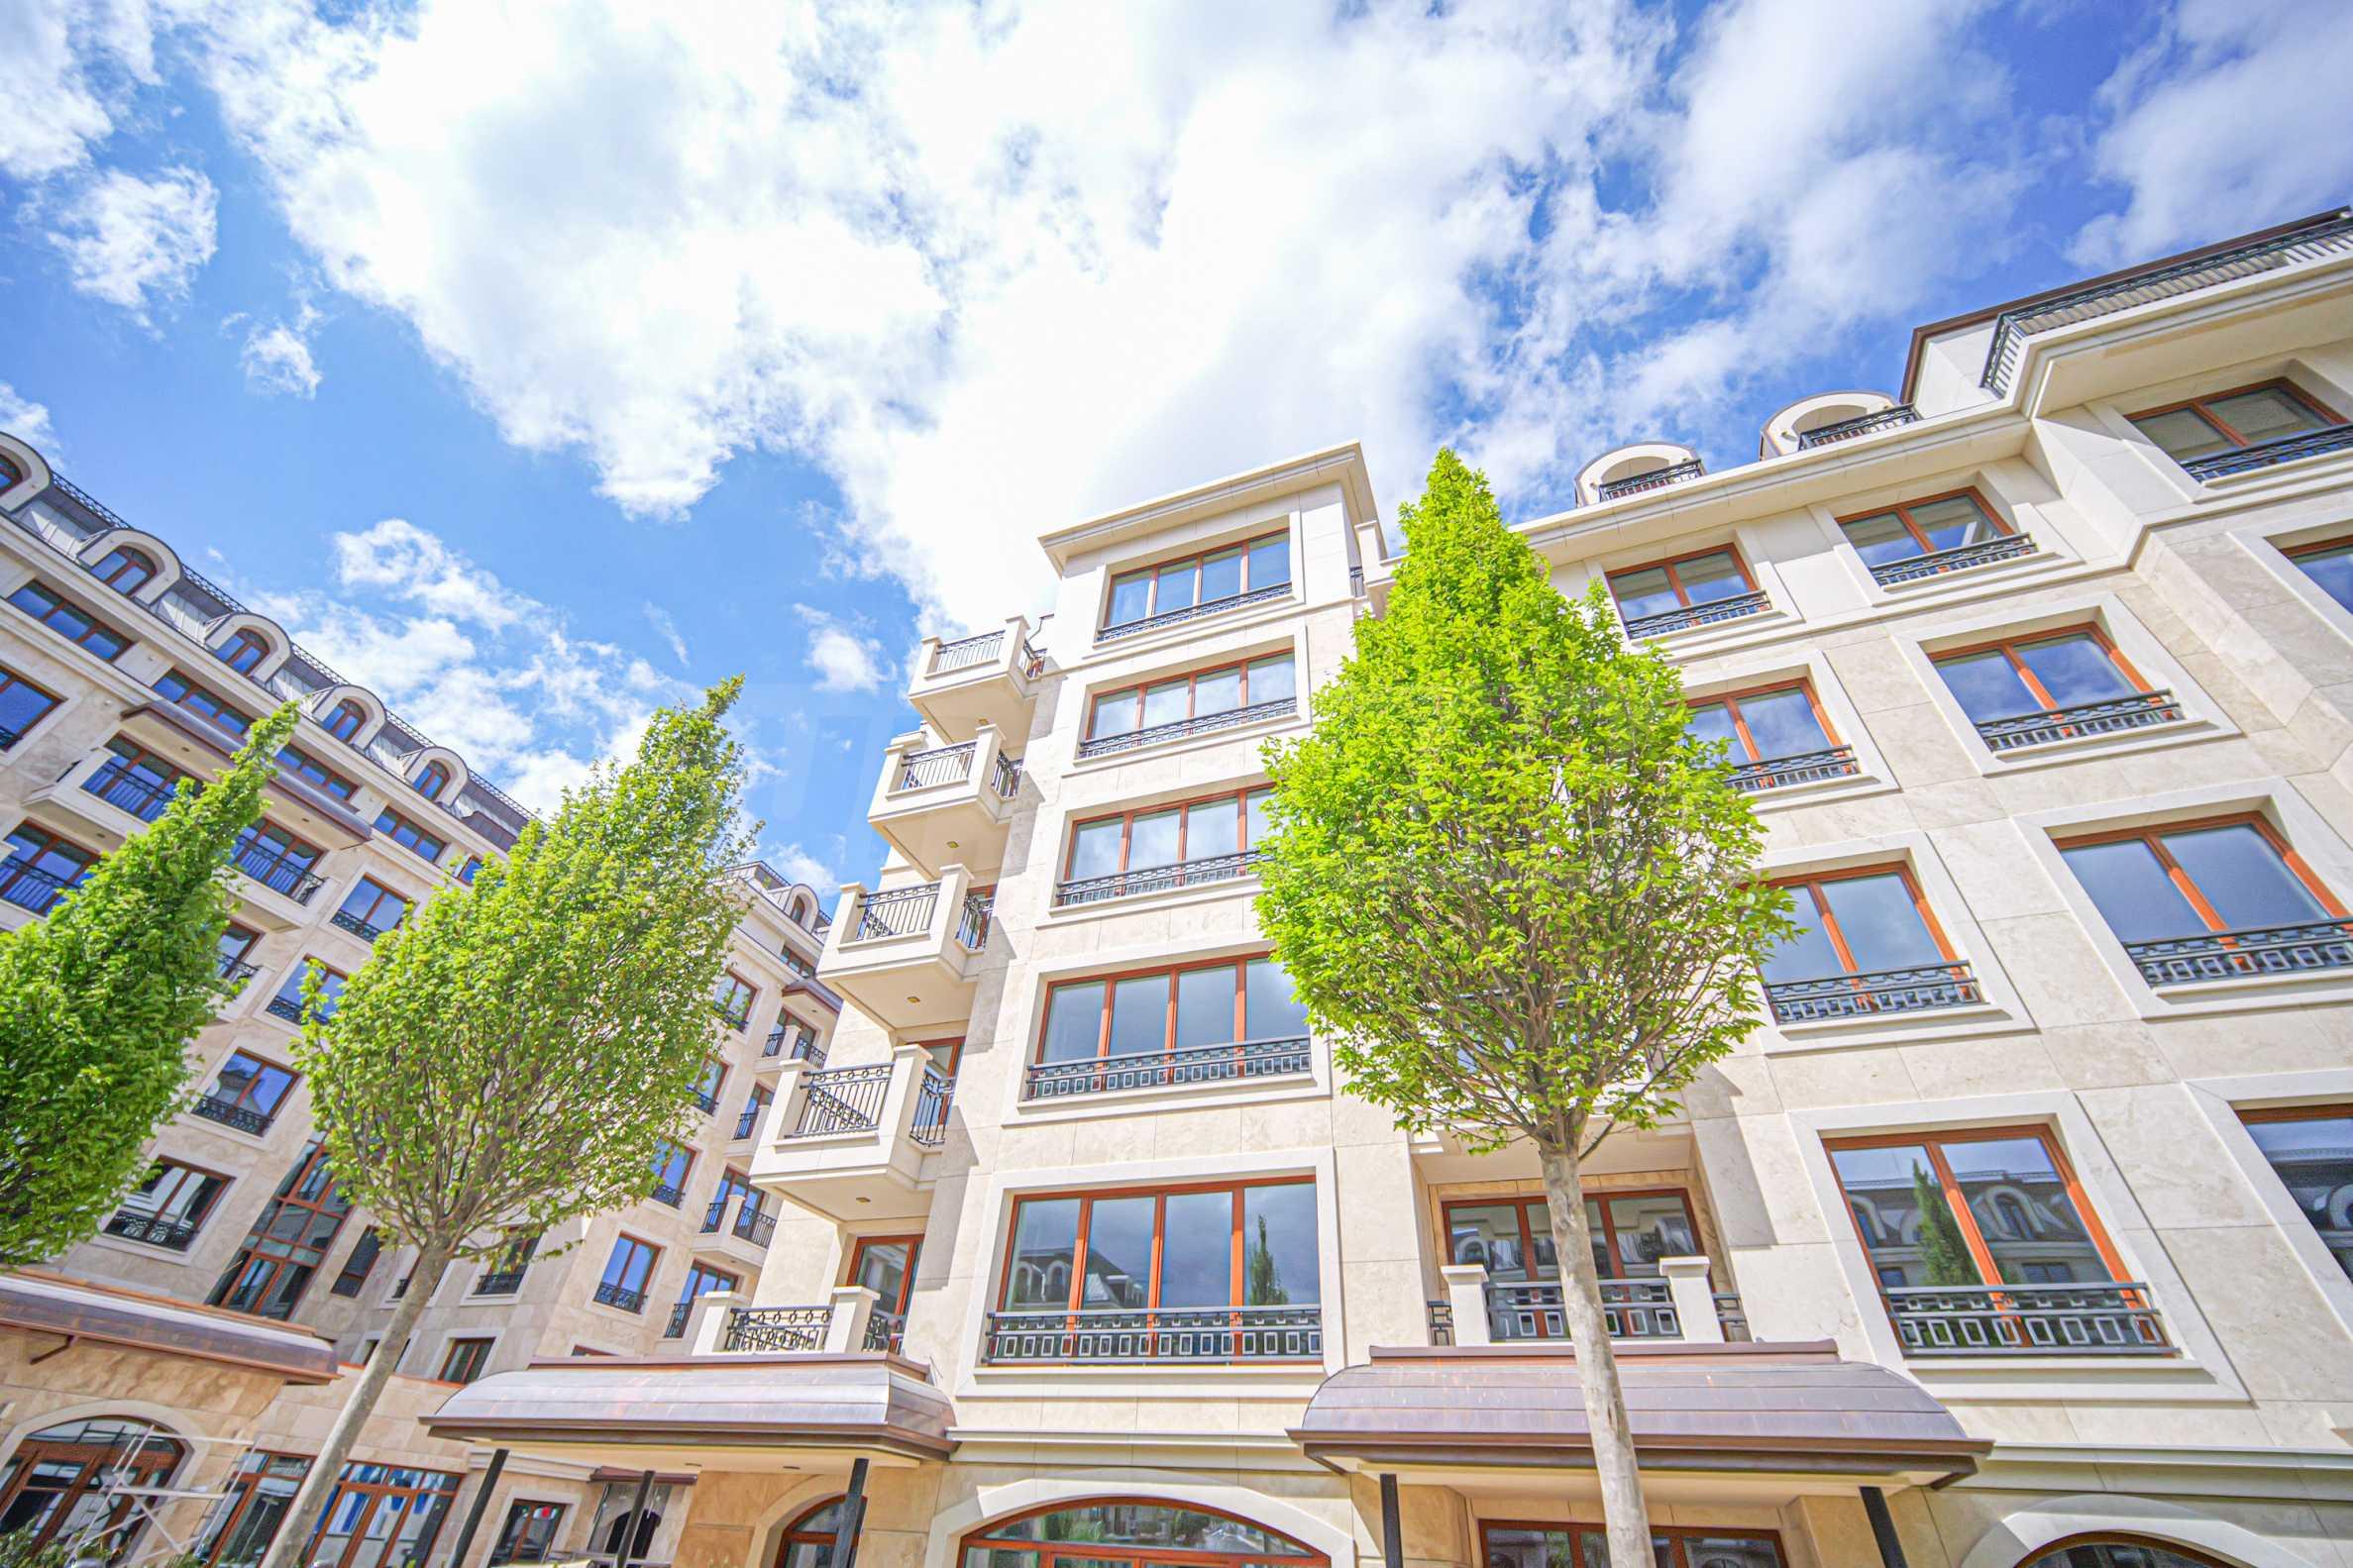 Wohnkomplex mit Park und Annehmlichkeiten der höchsten Klasse neben der Paradise Mall 10